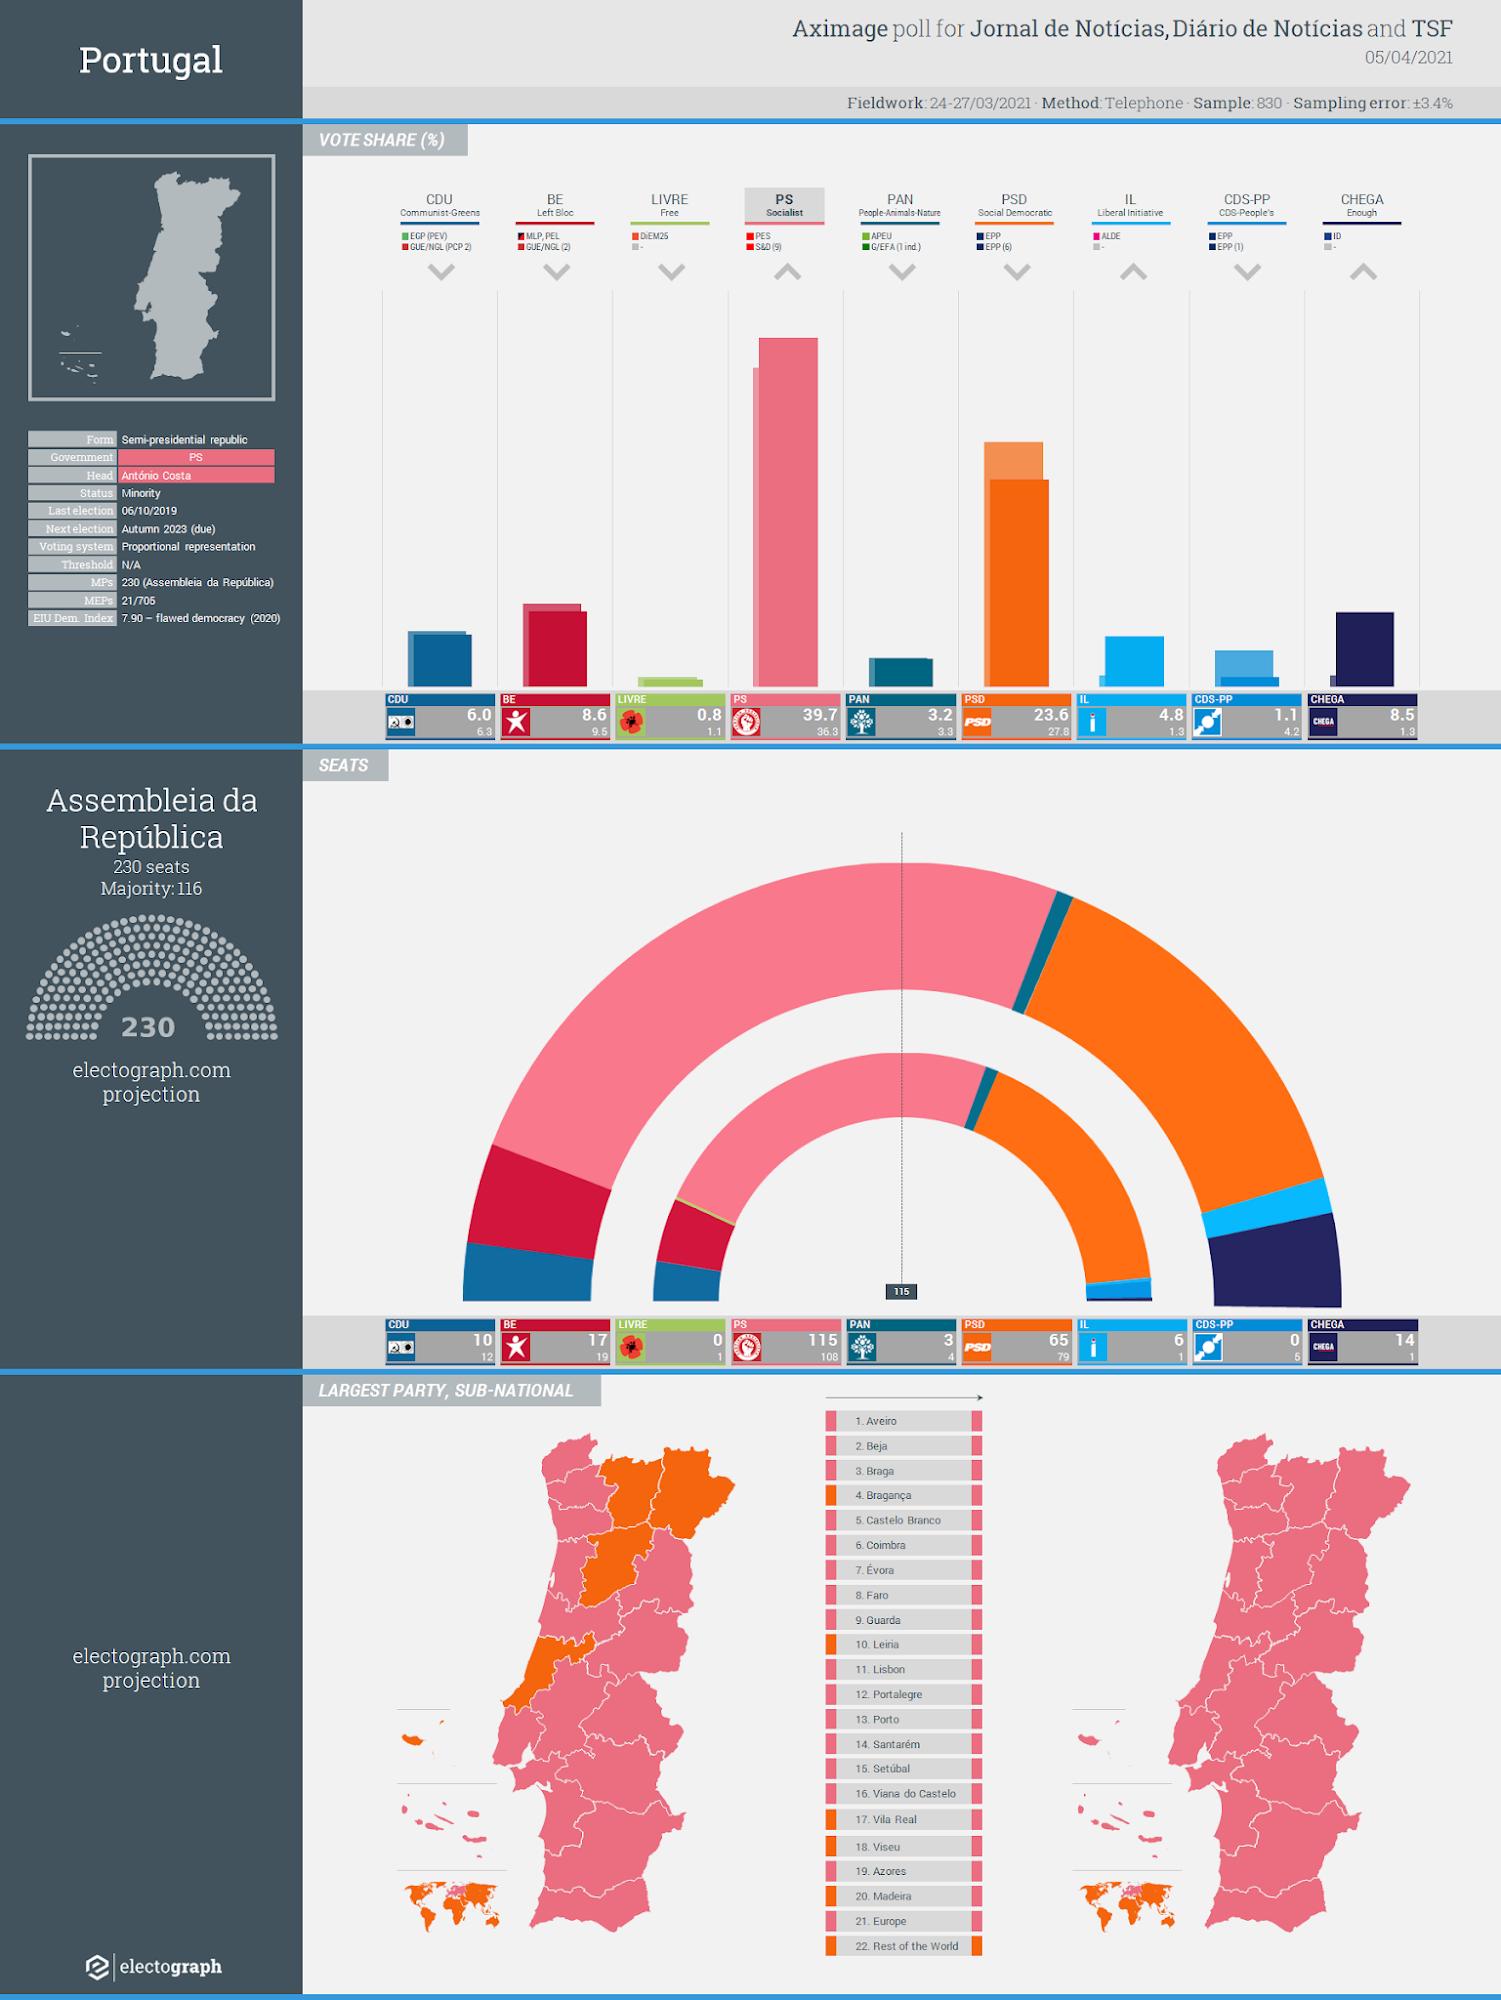 PORTUGAL: Aximage poll chart for Jornal de Notícias, Diário de Notícias and TSF, 3 May 2021